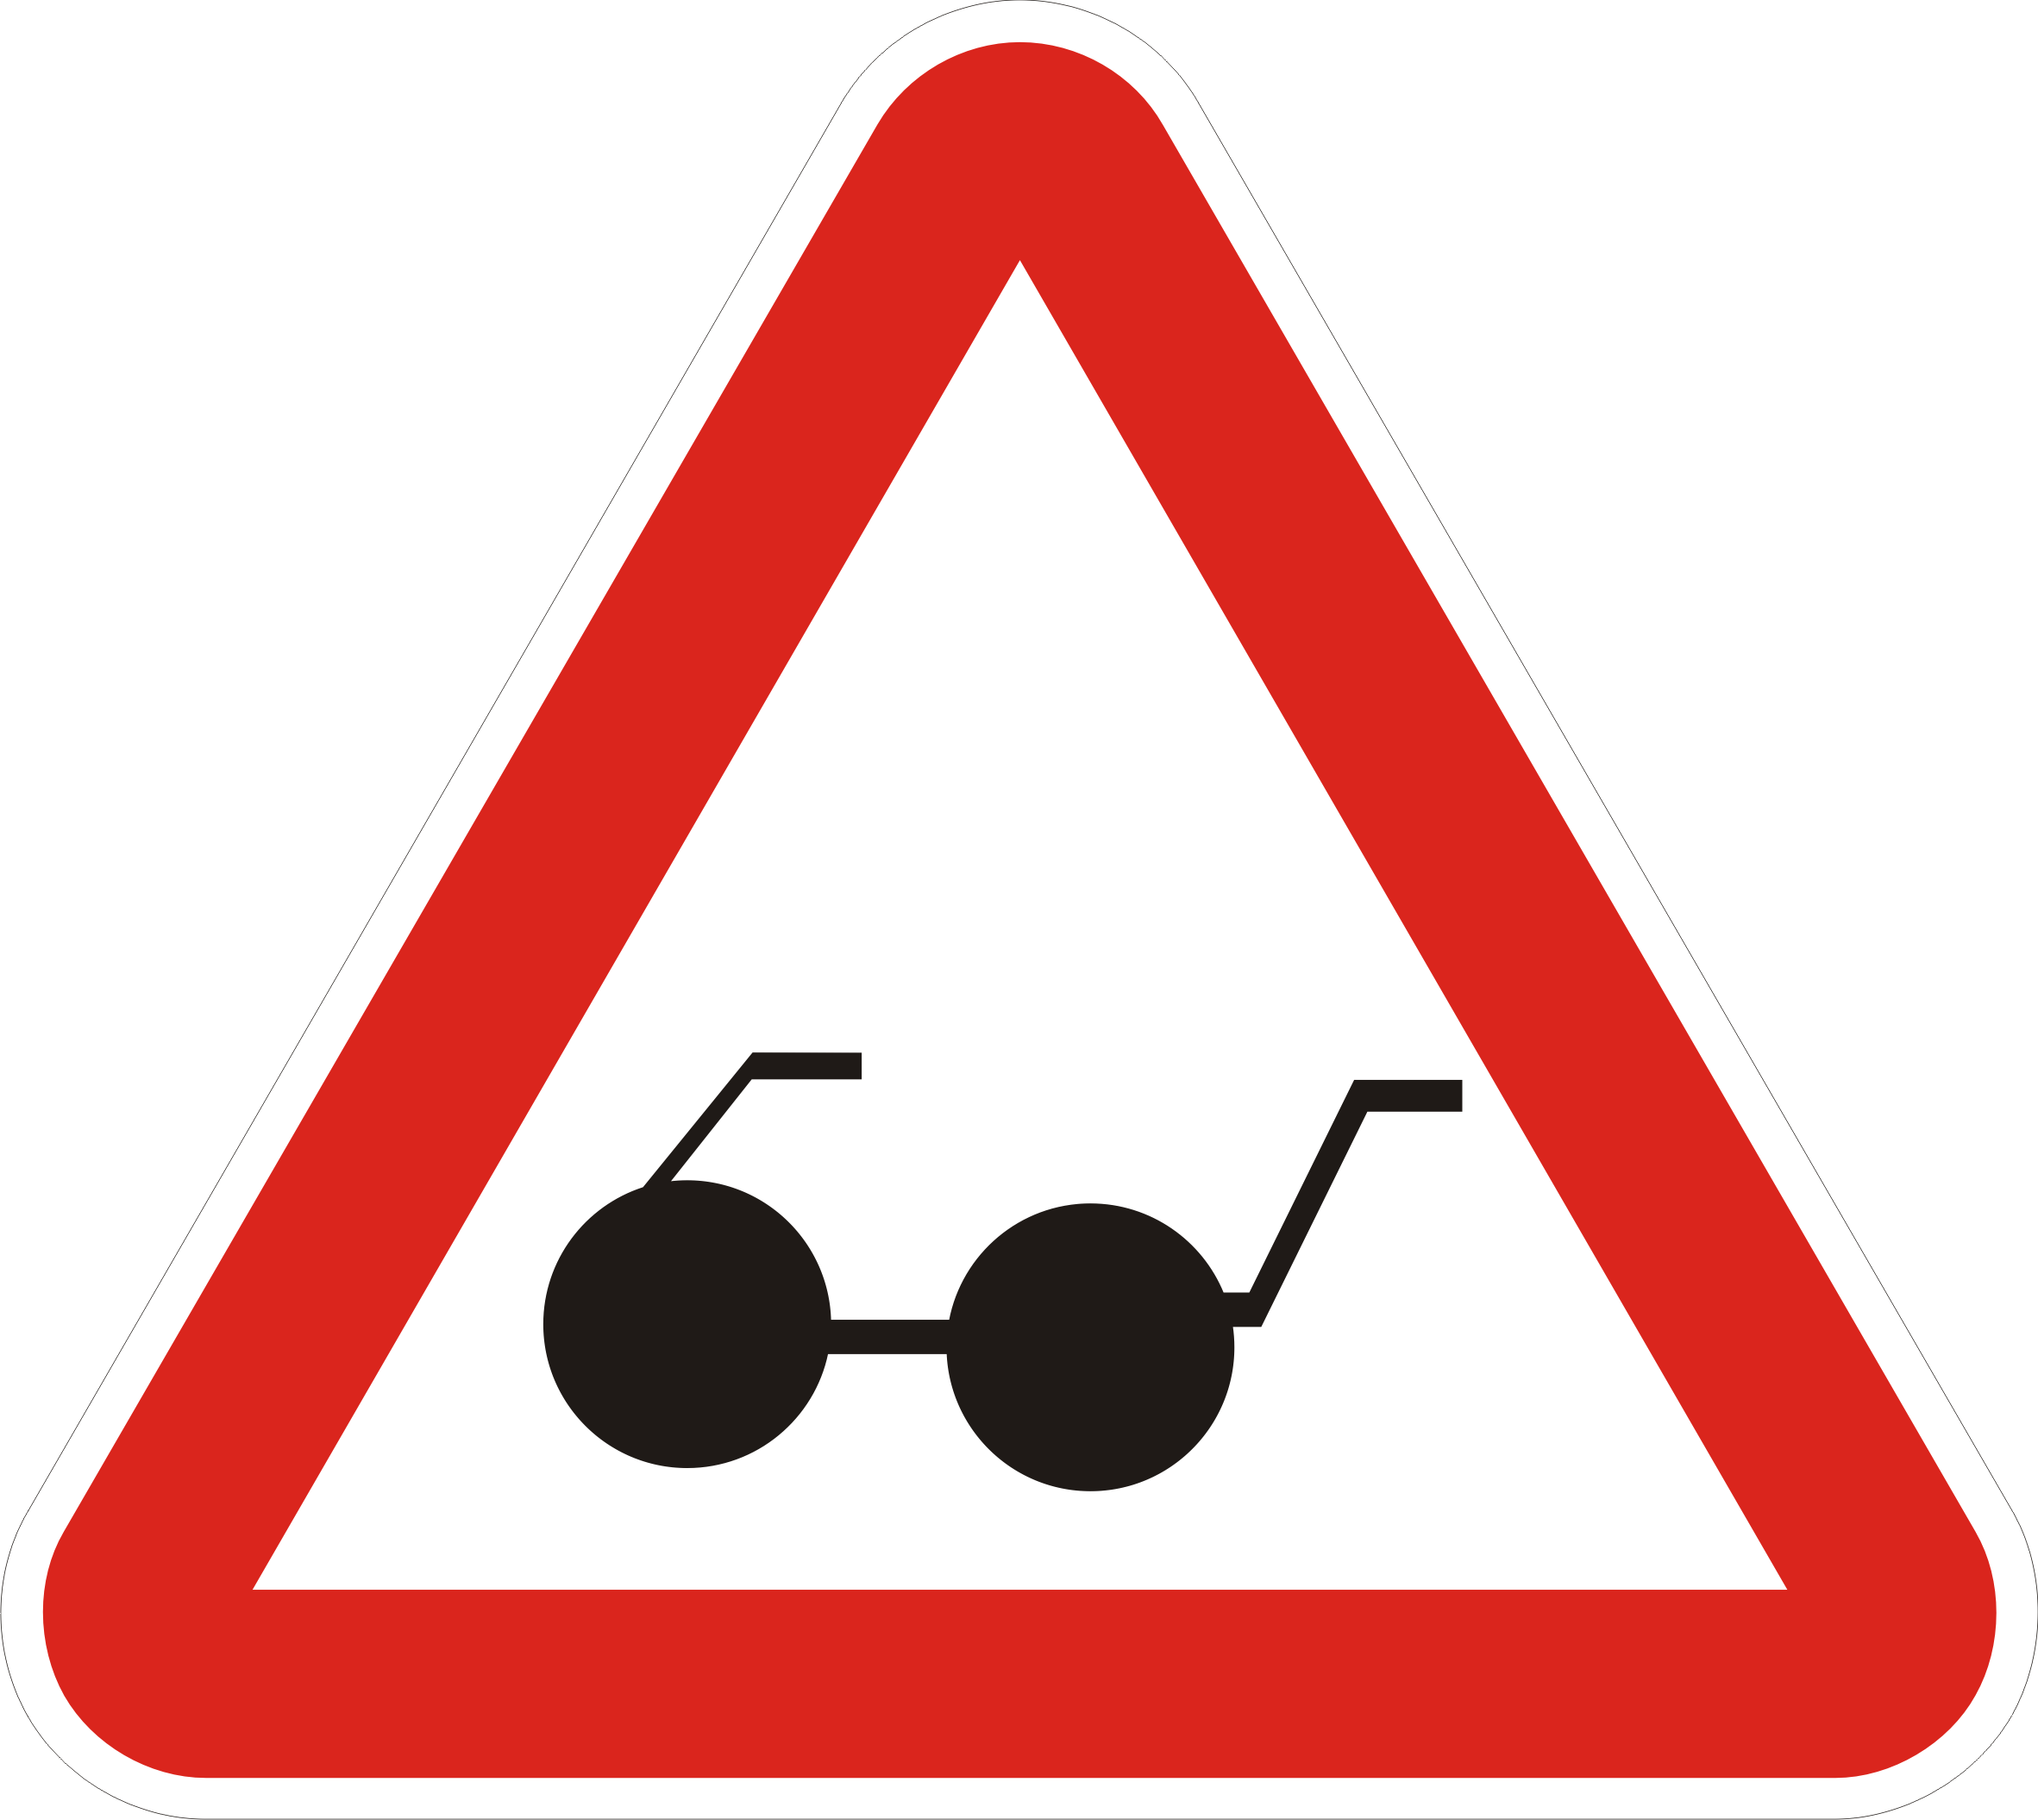 ослепший водитель треугольник